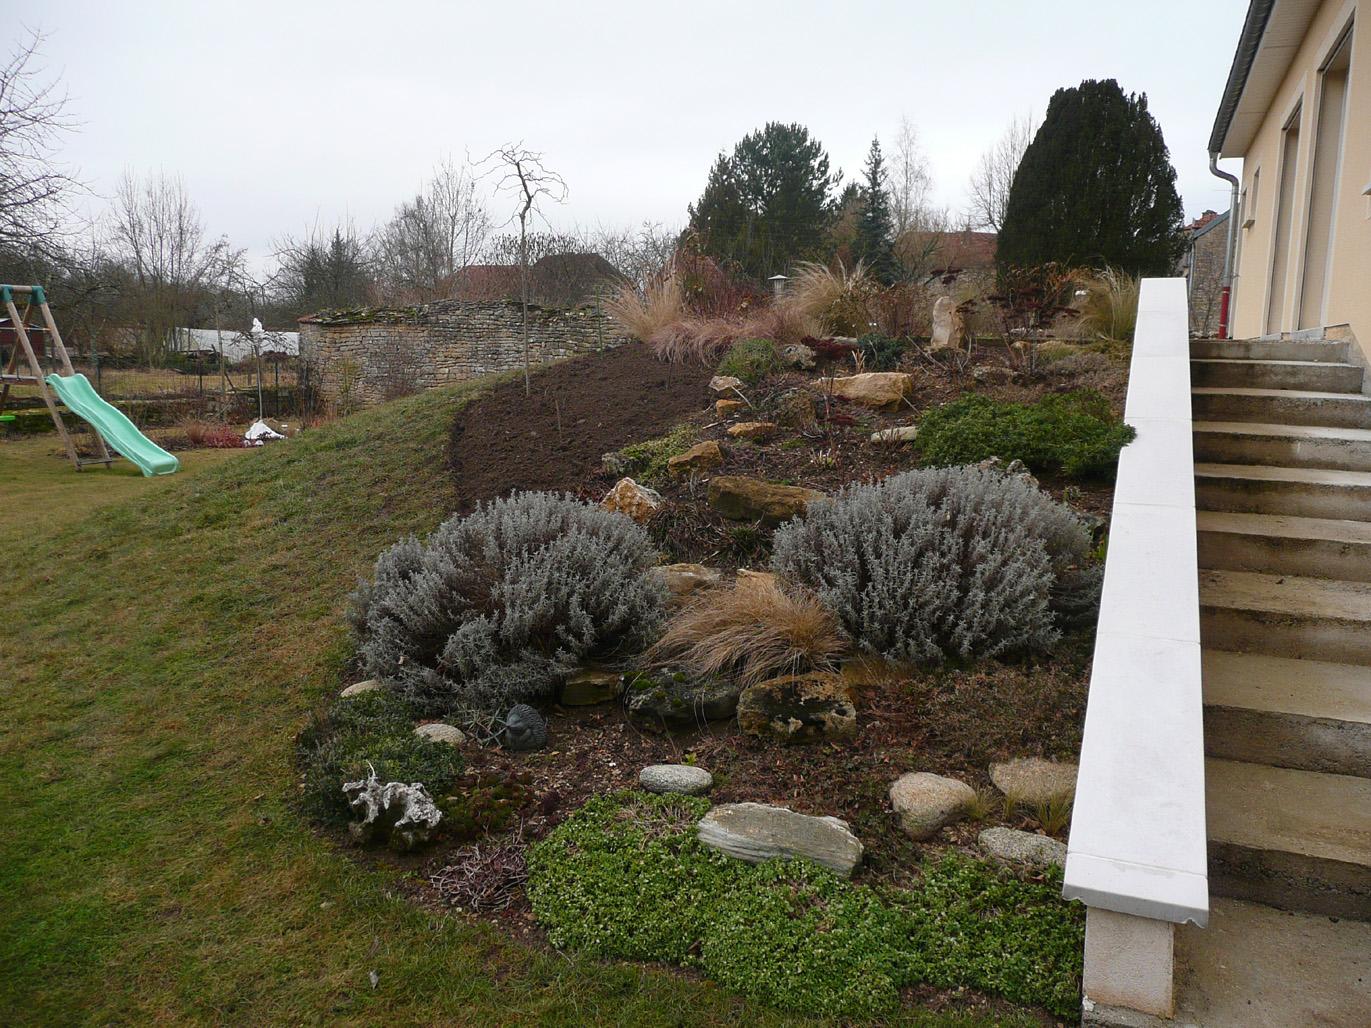 Notre jardin secret agrandissement de la rocaille for Cailloux rocaille